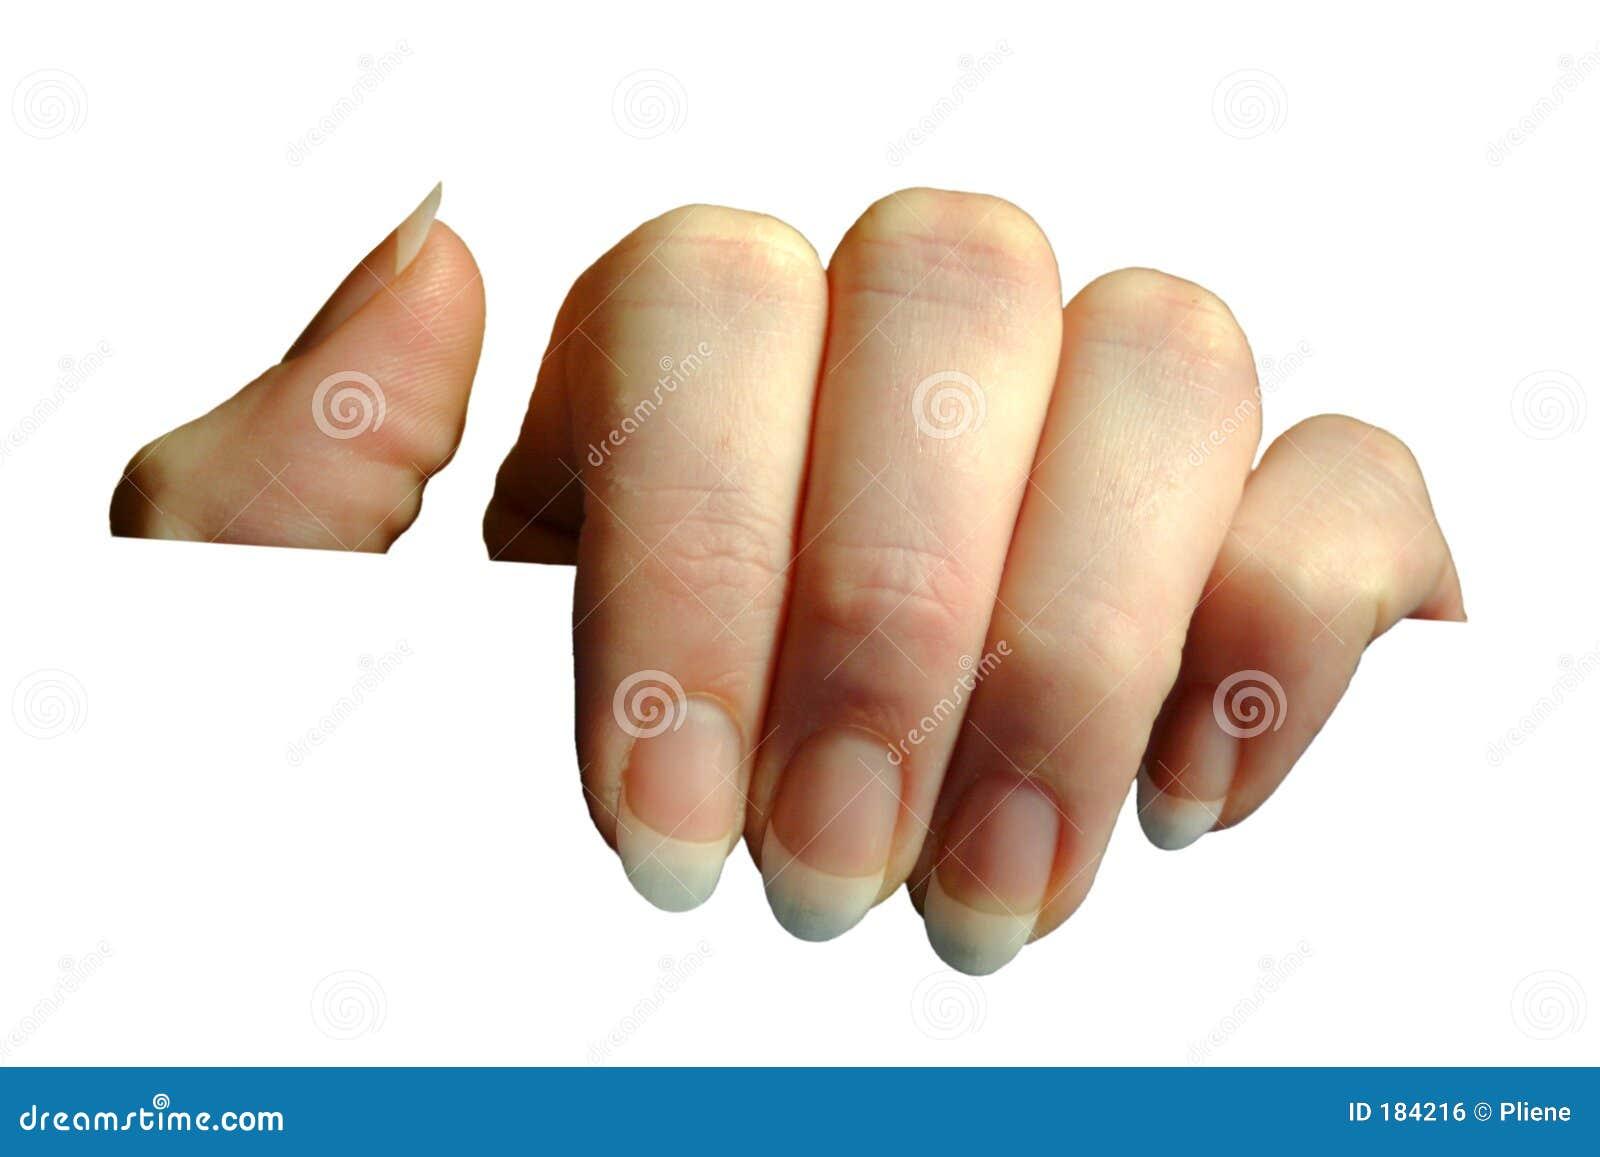 Laissez-moi te donner une main